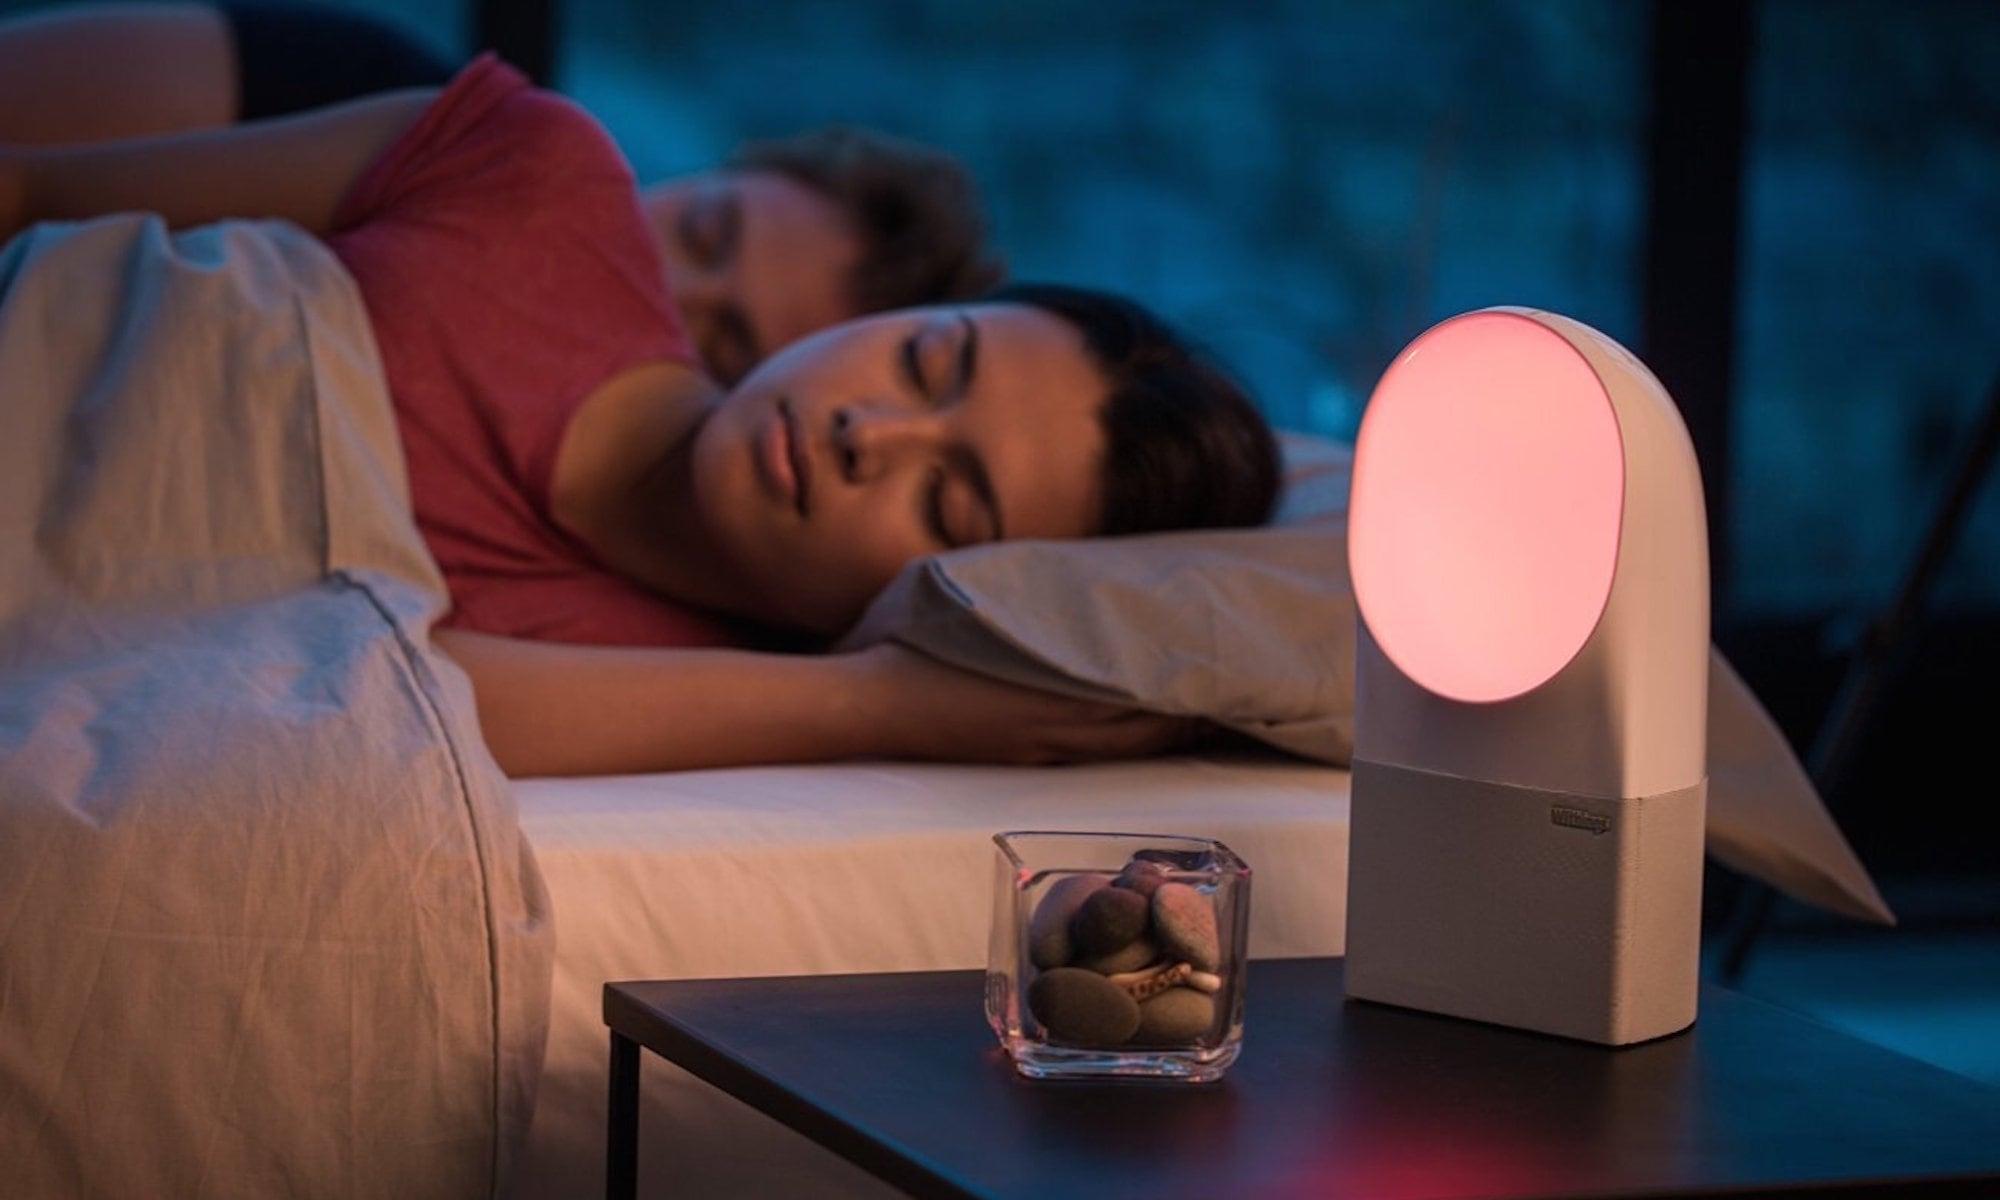 Bedroom gadgets to help you sleep better